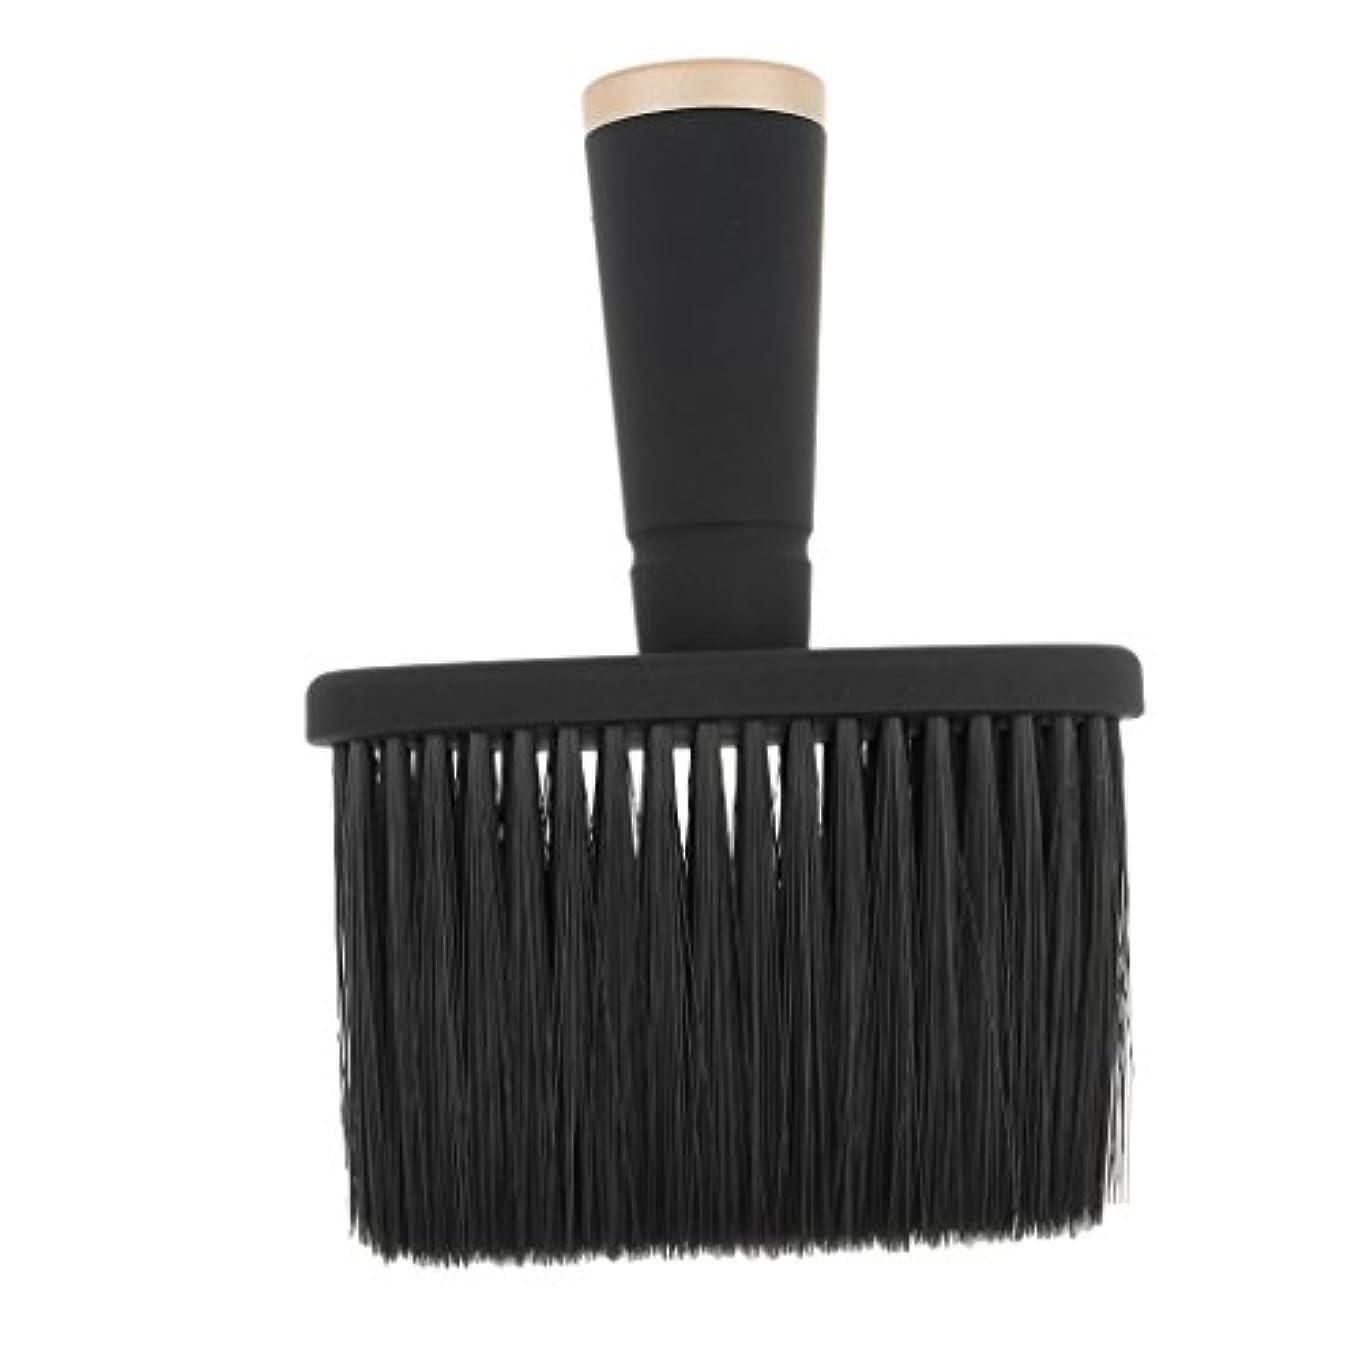 クレジット縞模様の花Toygogo プロの理髪師の首のダスターのブラシ、毛の切断のための柔らかいクリーニングの表面ブラシ、携帯用設計 - ゴールド